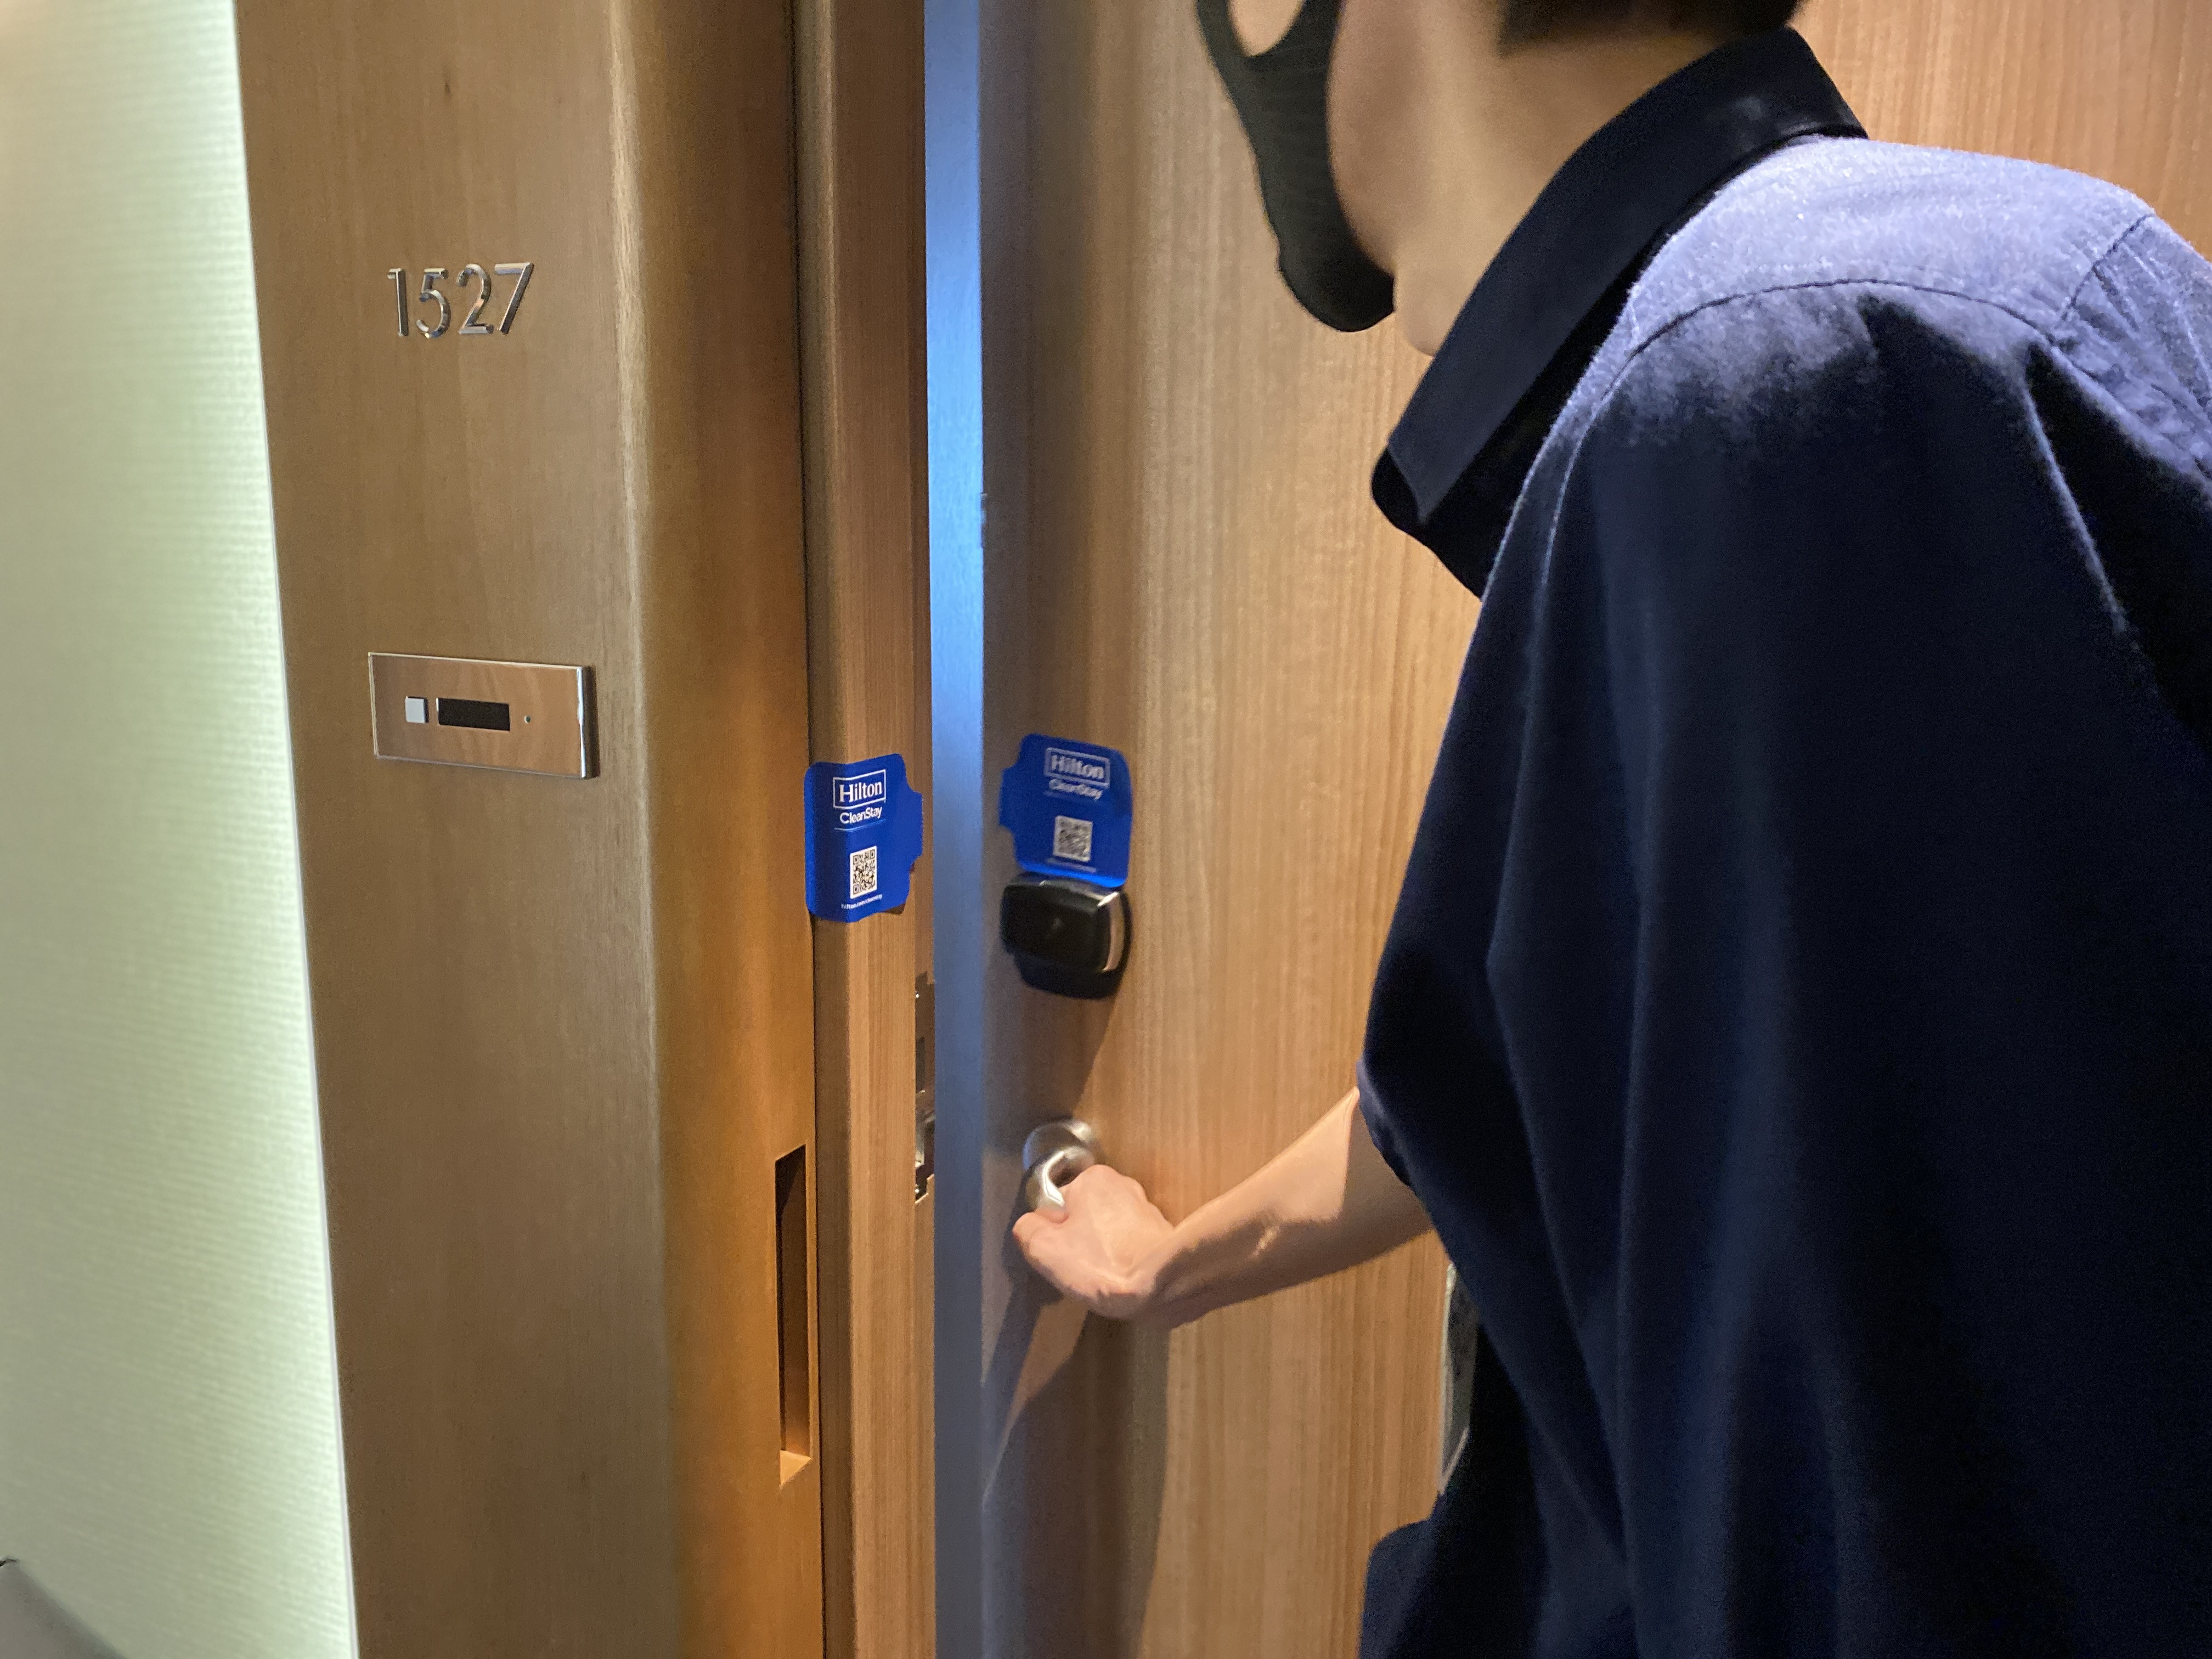 夏のお出かけに、「ヒルトン名古屋」で安心安全で快適なホテル体験はいかが? - 8768D0C5 6F3B 427C BFF1 7F0A4CC2BD9B